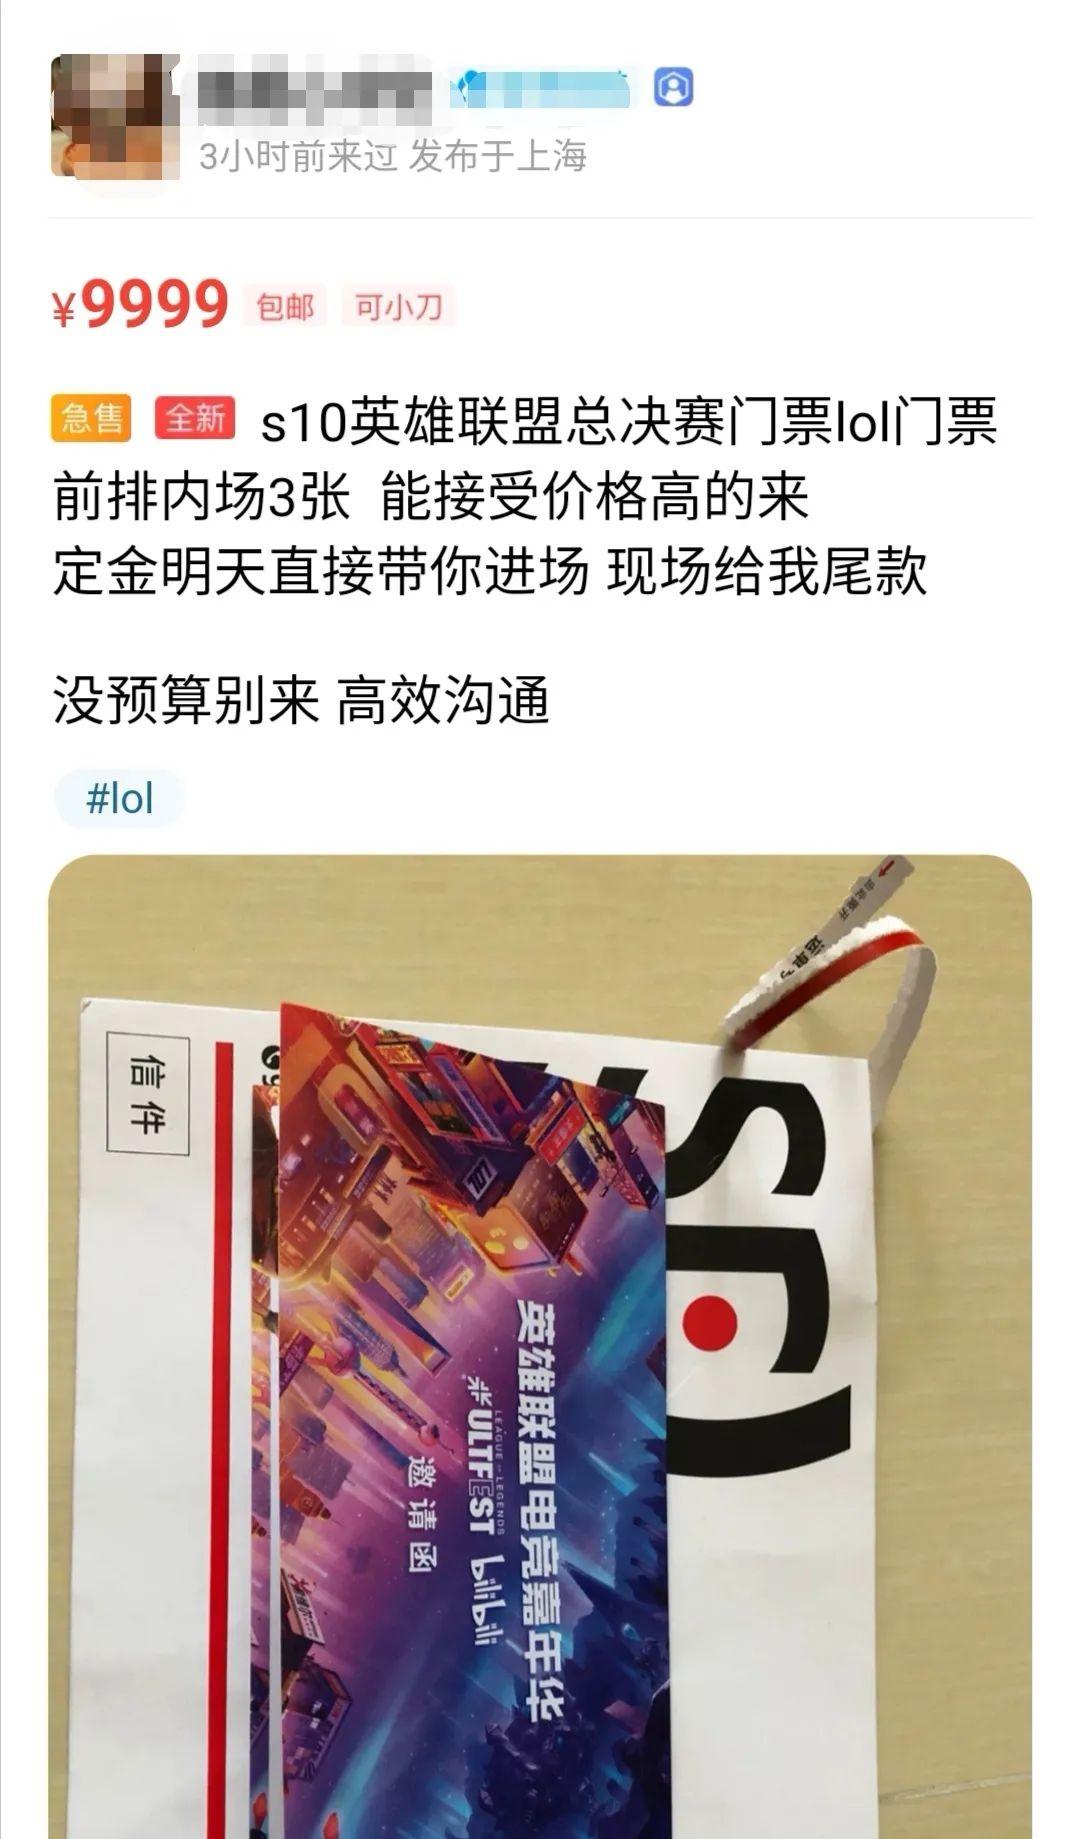 本文图片均由上海警方提供